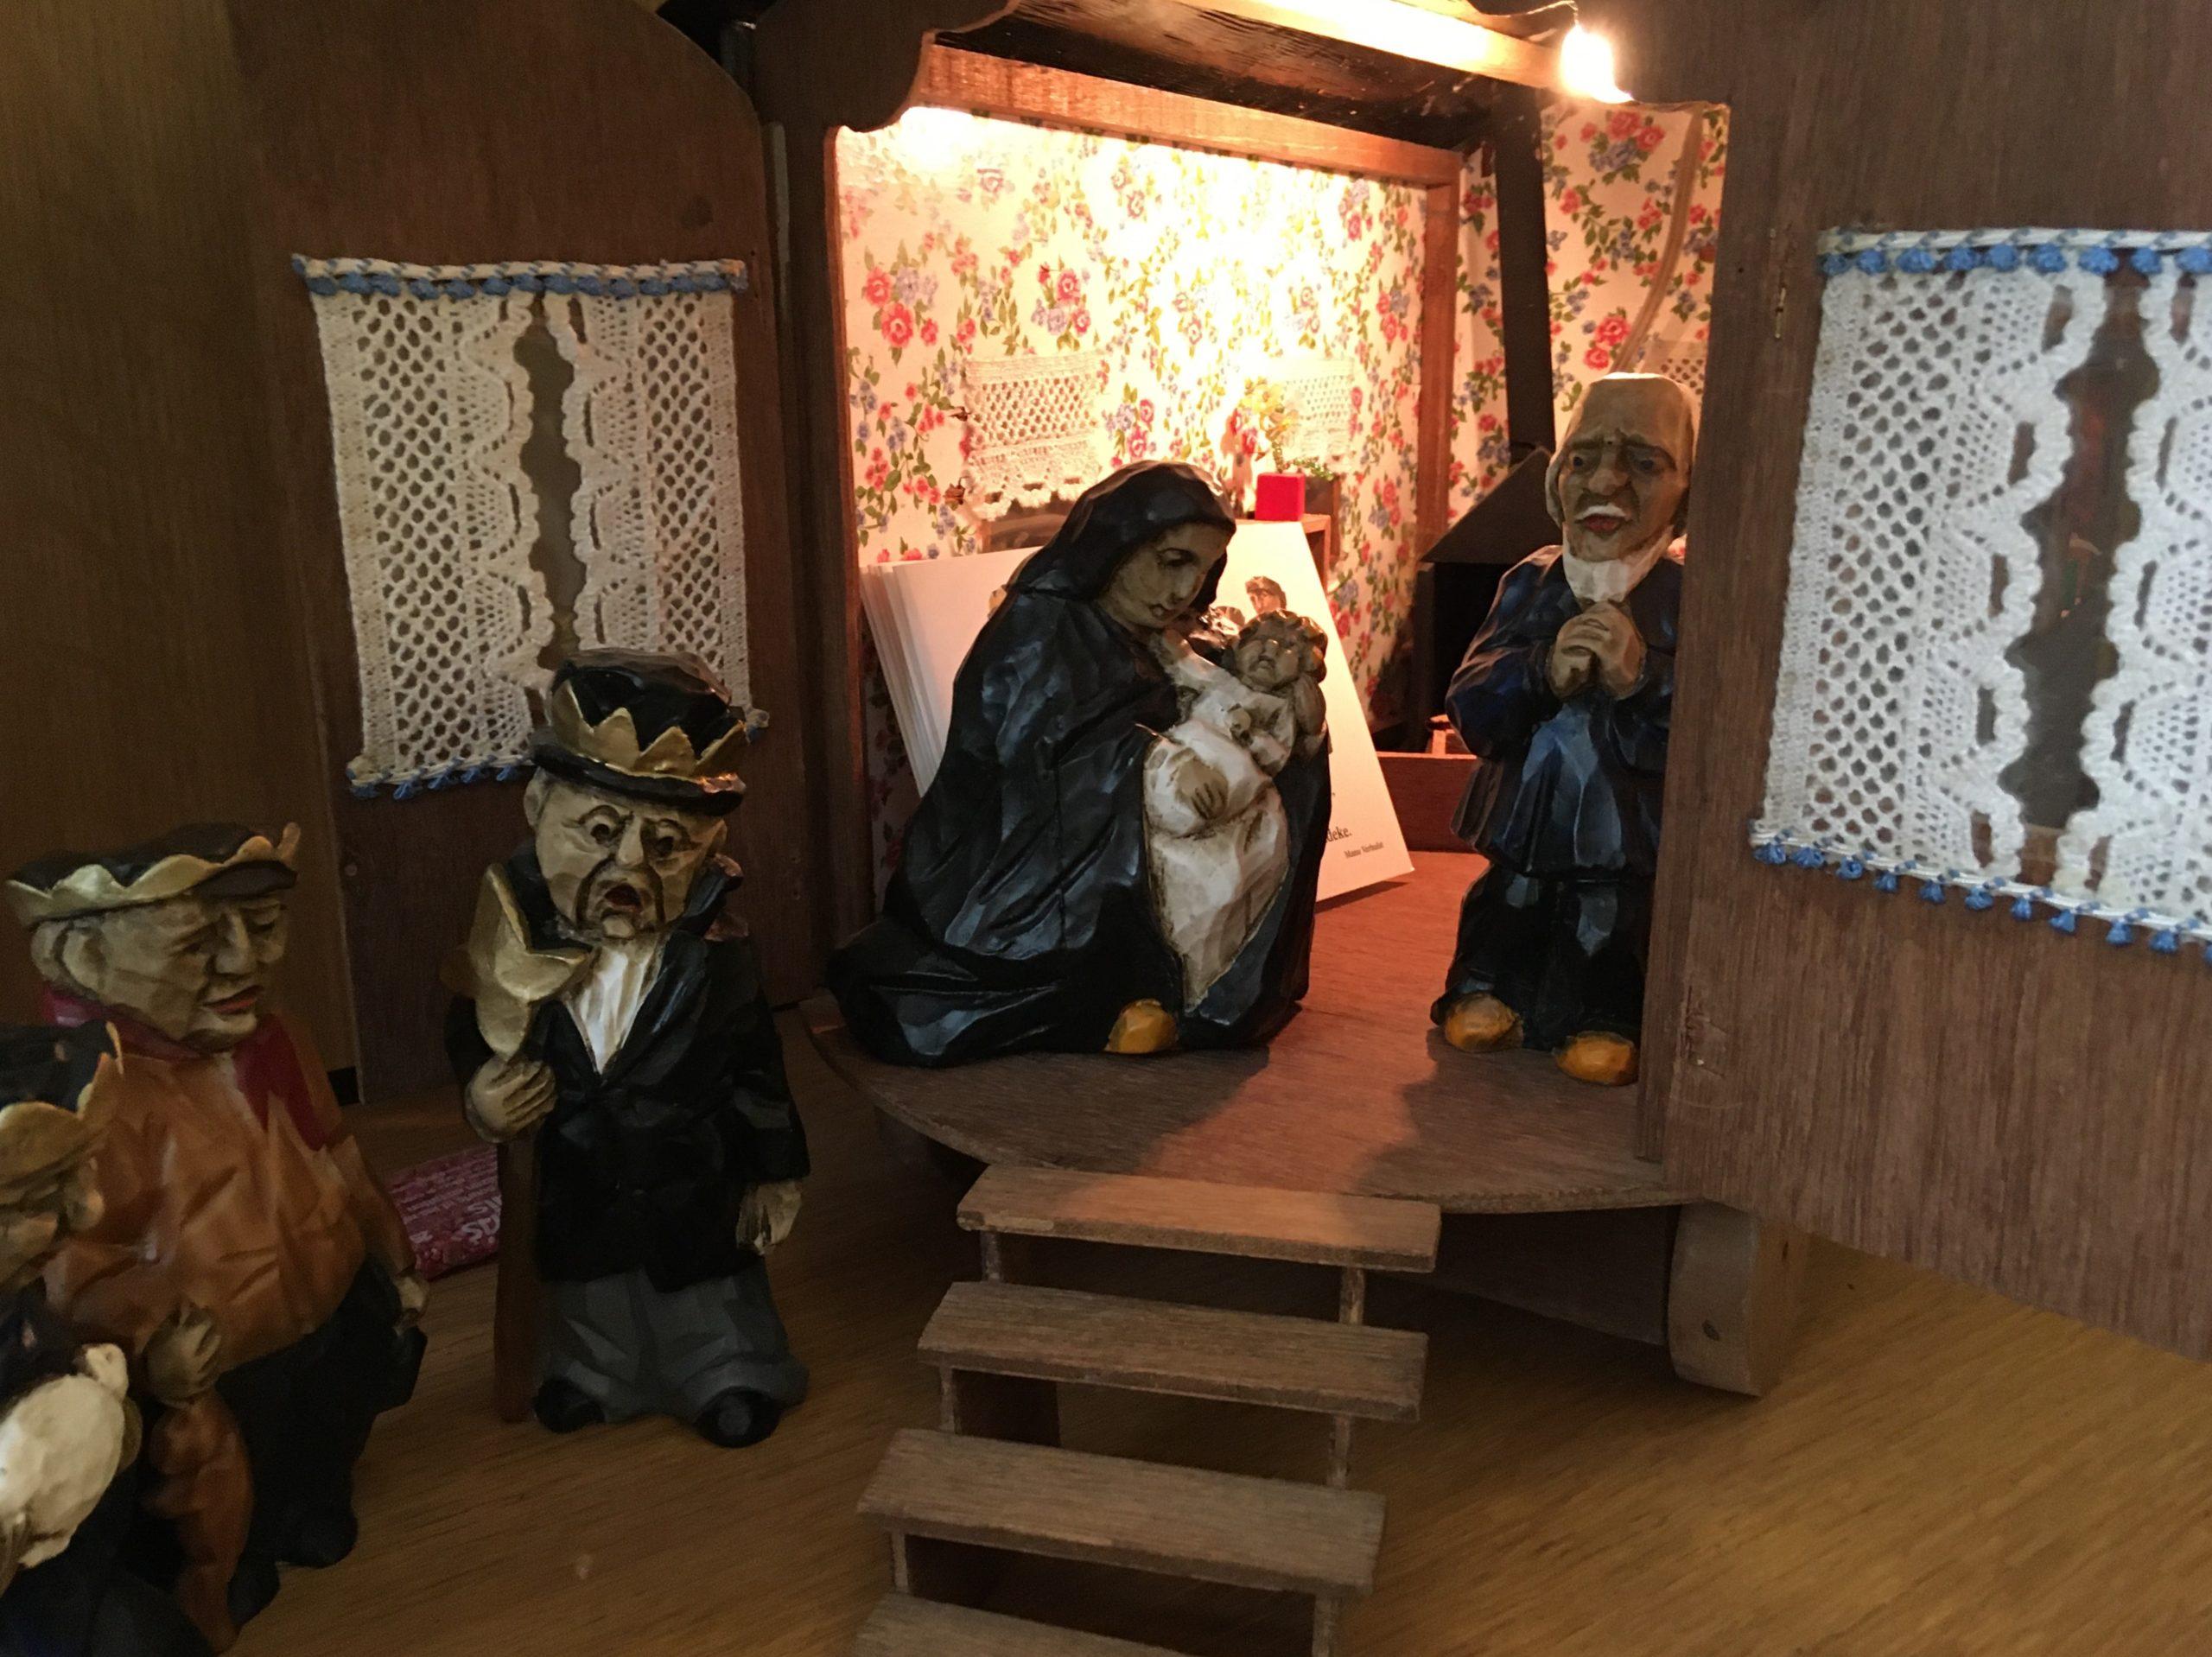 Kerststallencultuur? Ook jouw erfgoed!